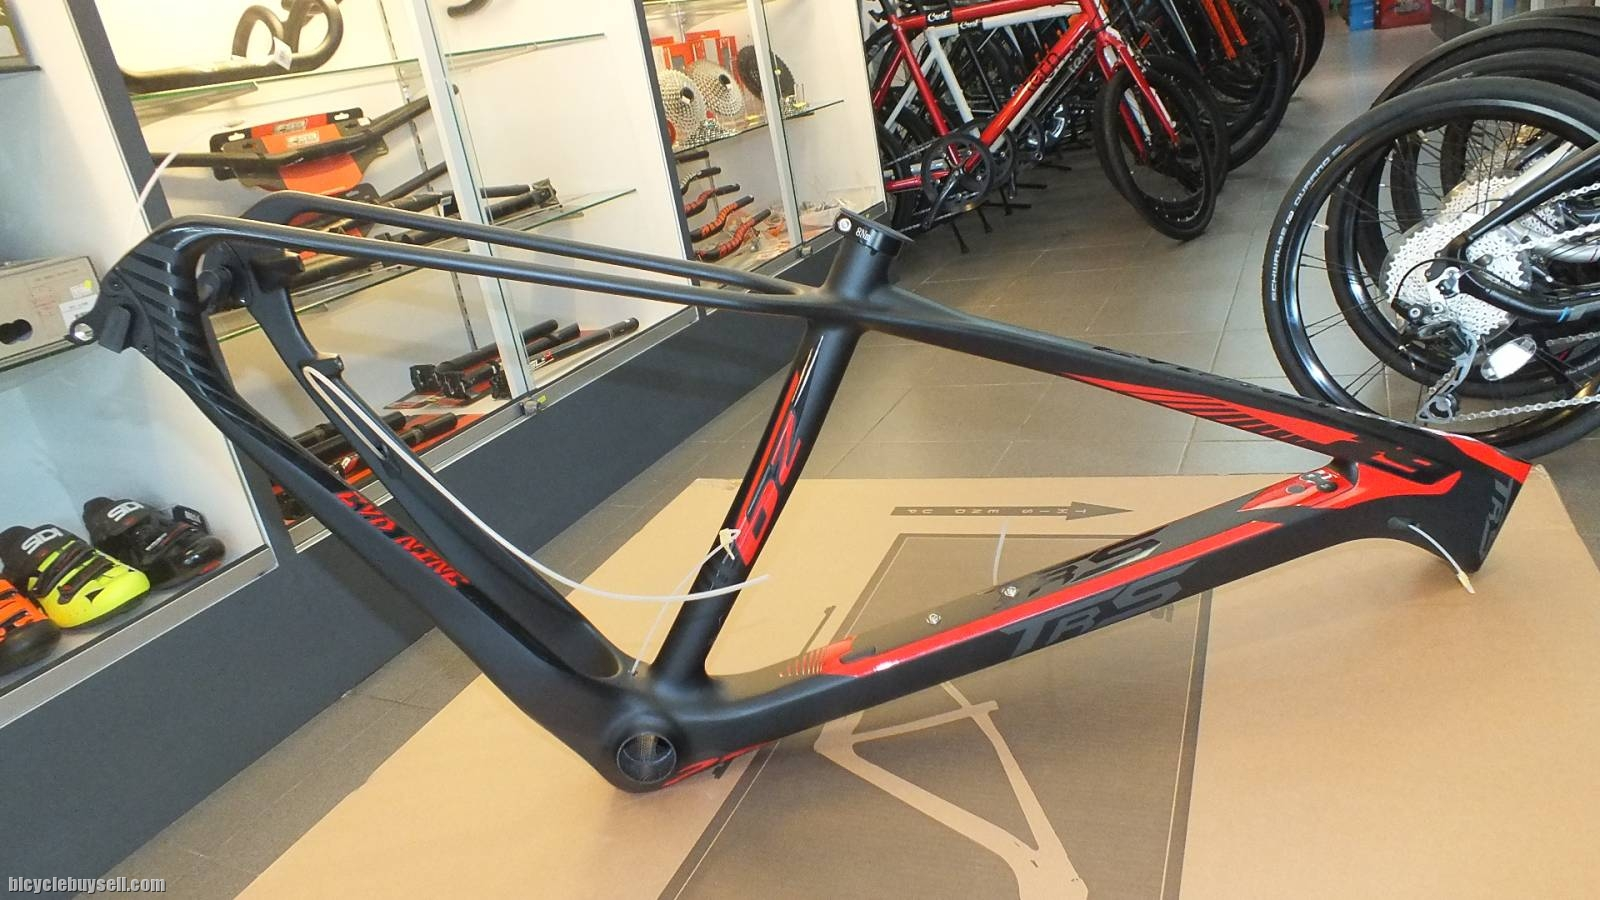 TRS Evo Nine Carbon 29er lightweight frameset. Original with warranty